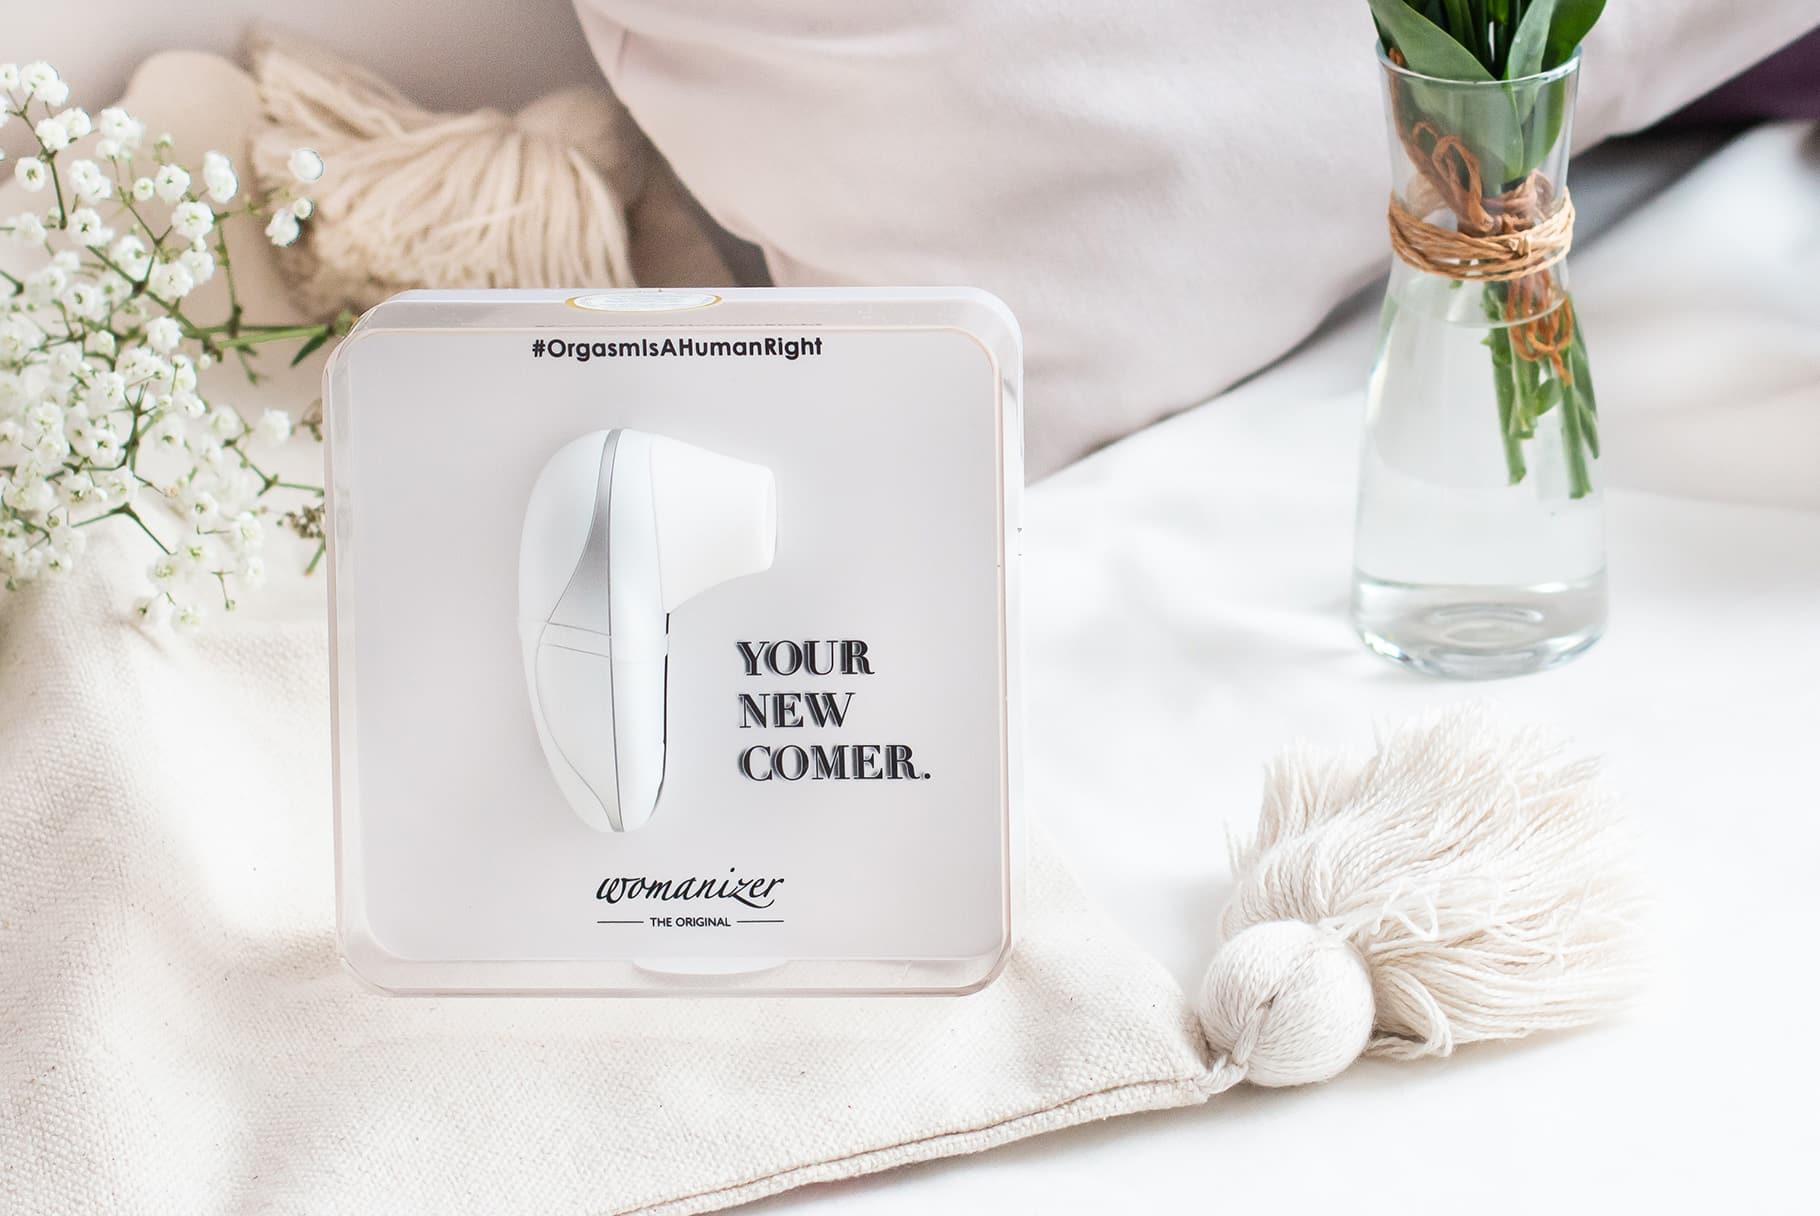 Bezdotykowy masażer łechtaczki Womanizer Starlet – bardzo efektywny, bardziej dostępny | Recenzja